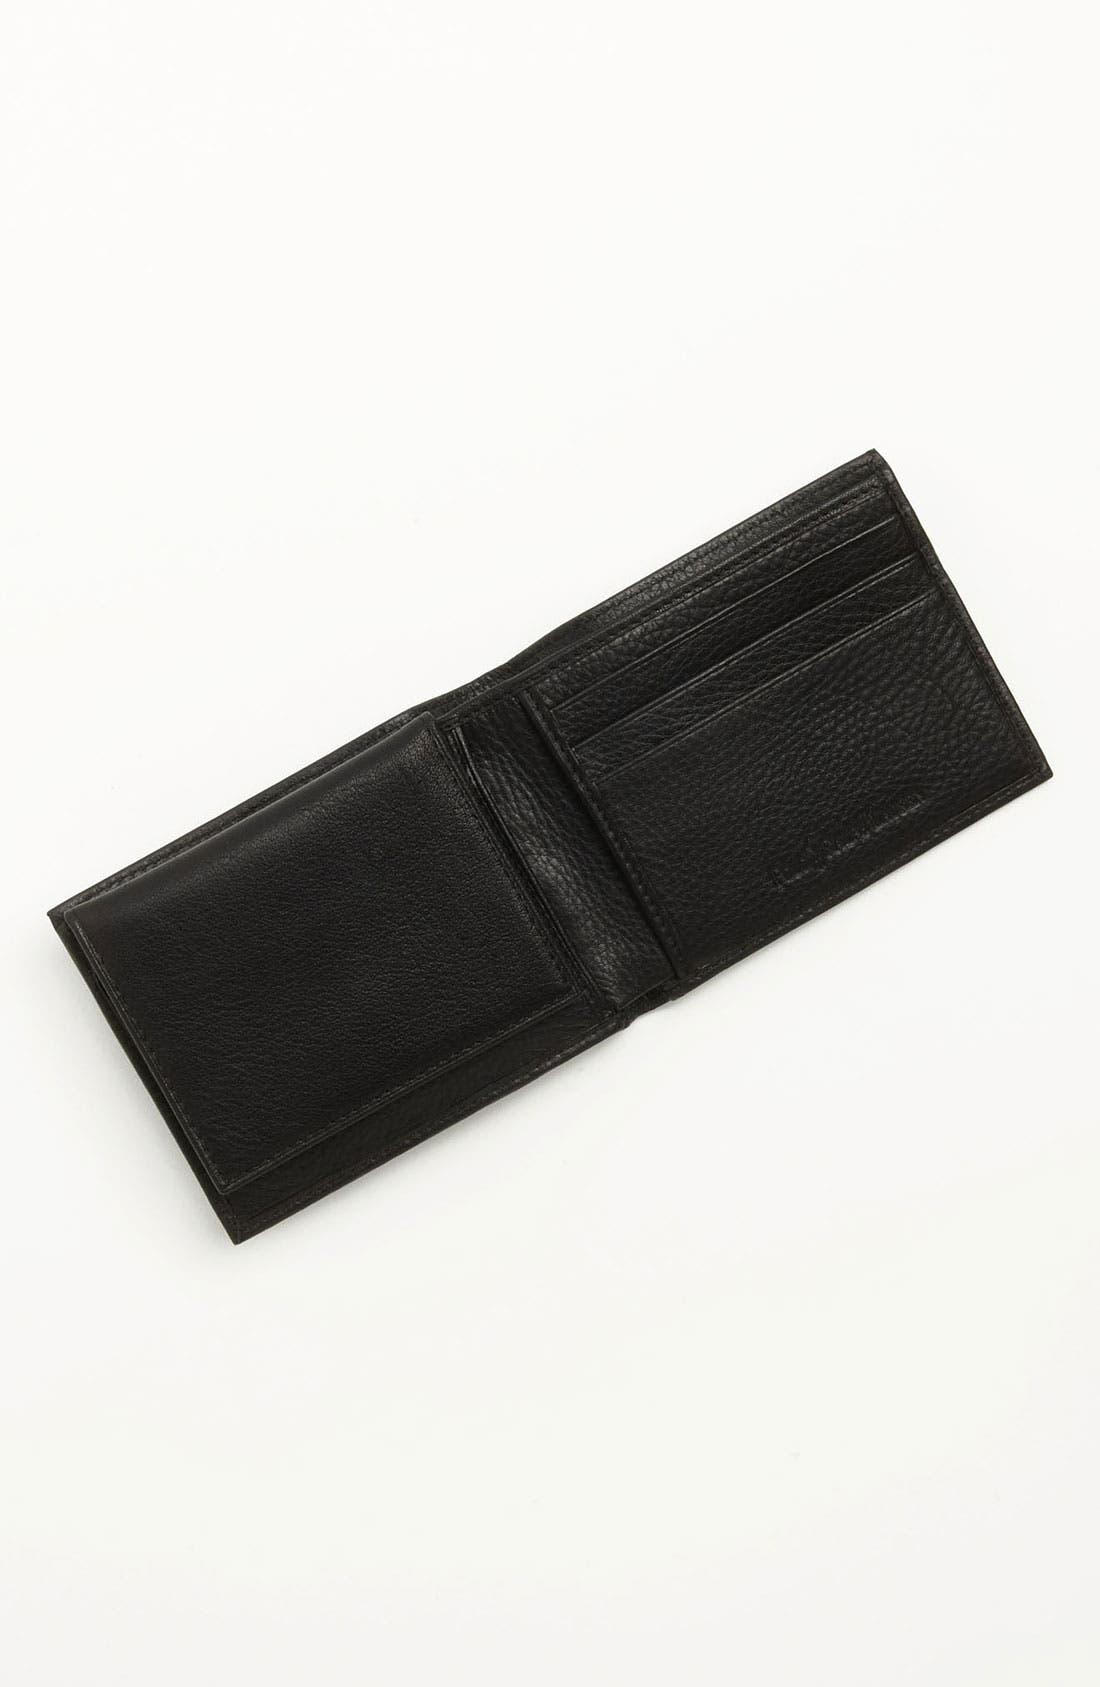 POLO RALPH LAUREN, Leather Passcase Wallet, Alternate thumbnail 4, color, BLACK